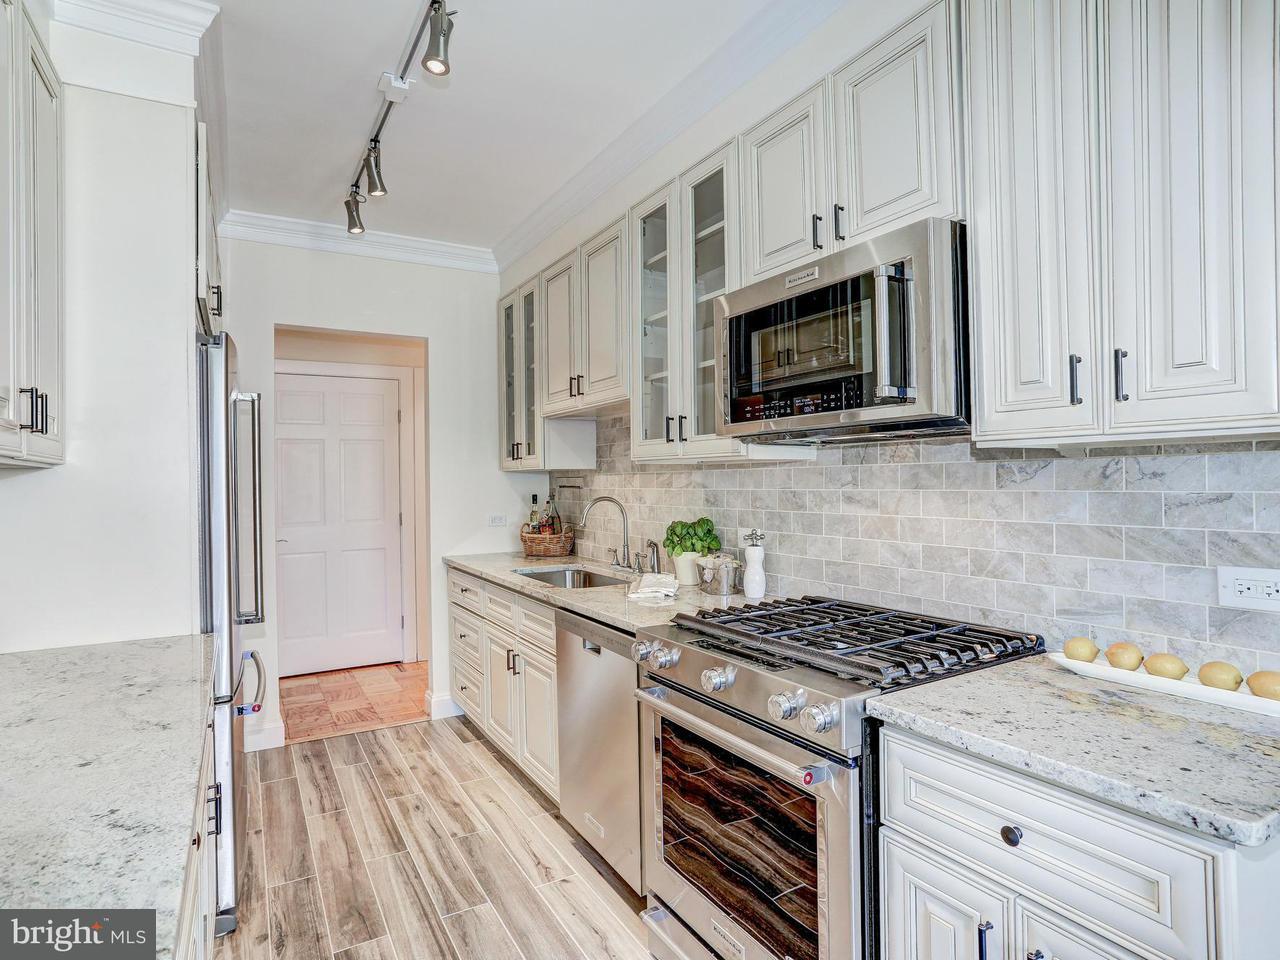 Additional photo for property listing at 2801 New Mexico Ave Nw #715 2801 New Mexico Ave Nw #715 Washington, Distrito De Columbia 20007 Estados Unidos